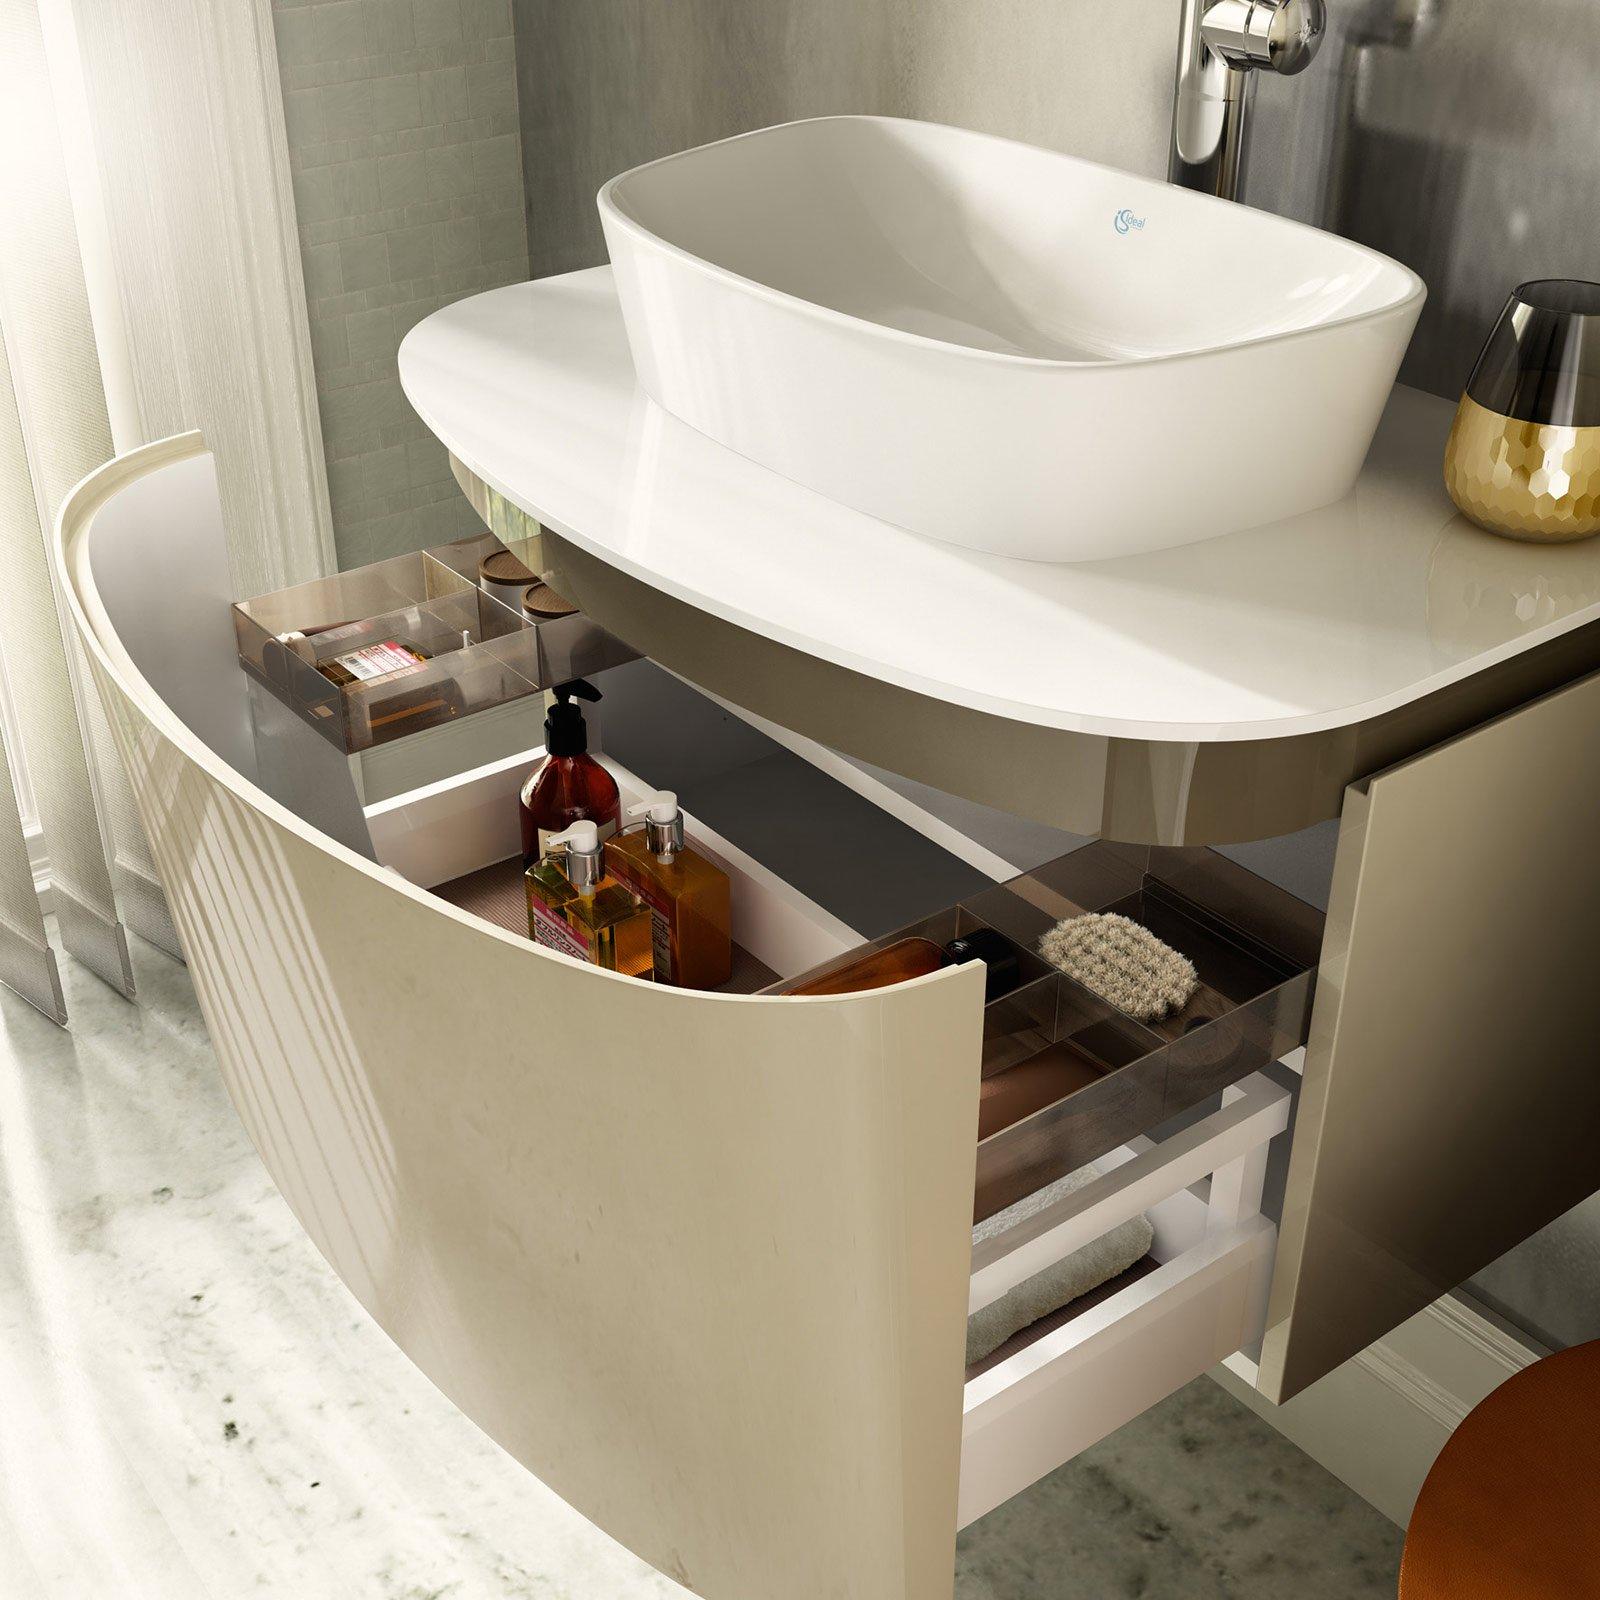 Casa immobiliare accessori piano per lavabo da appoggio for Mobili bagno per lavabo da appoggio